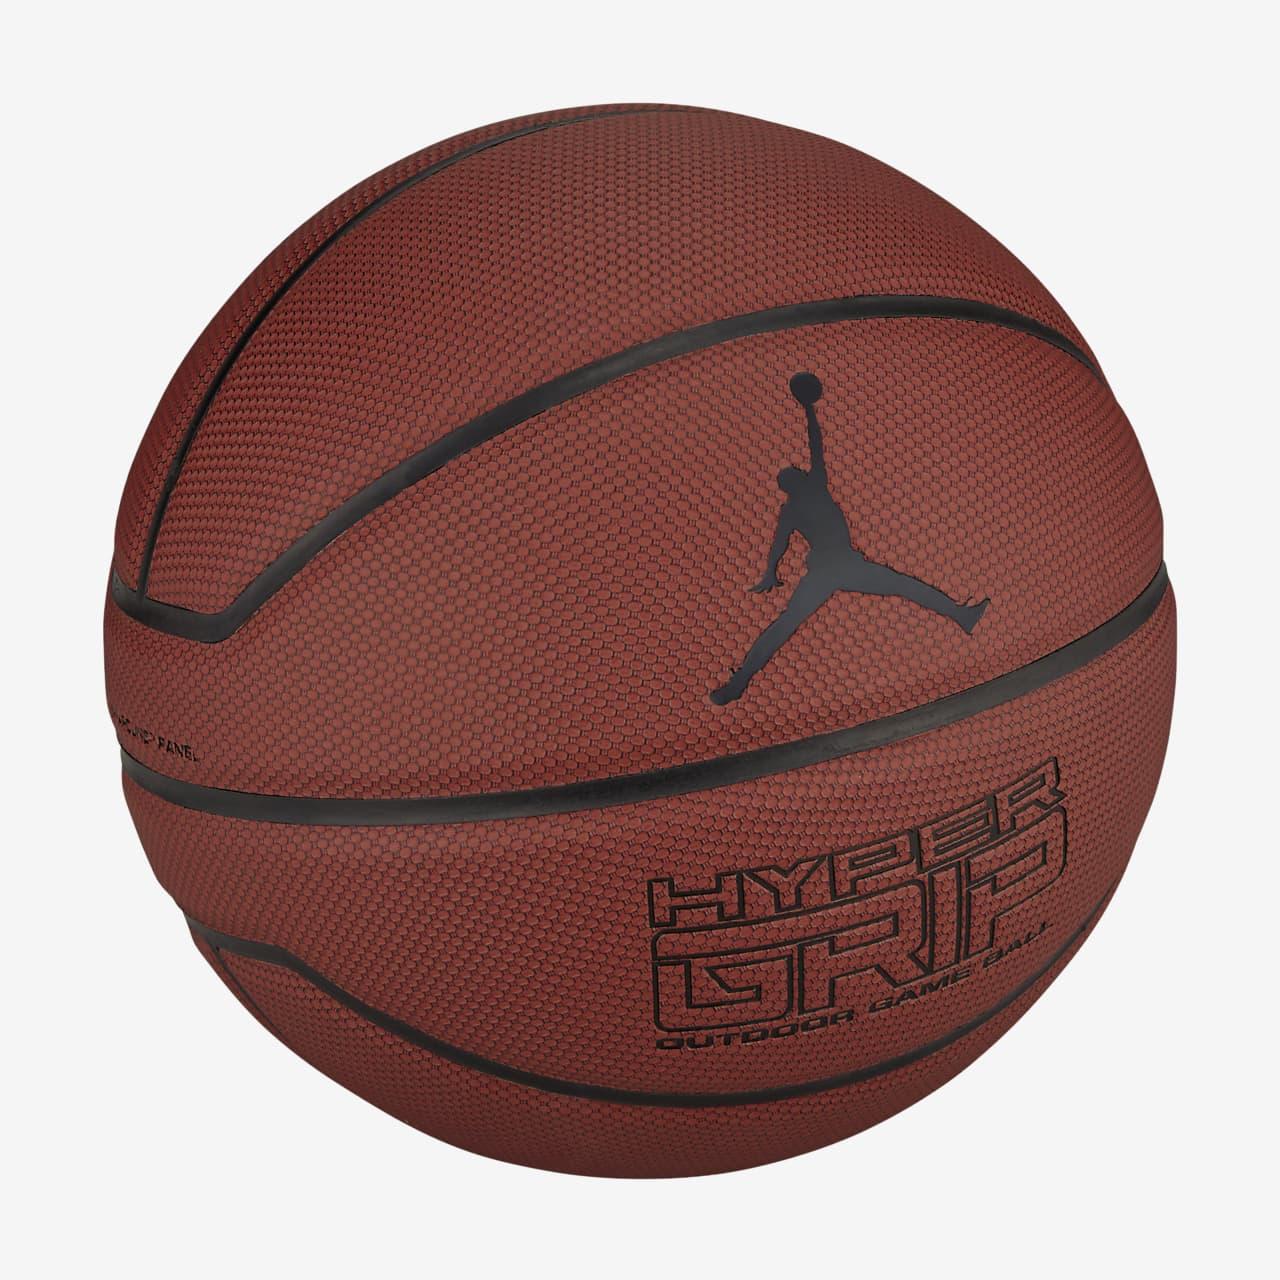 Μπάλα μπάσκετ Jordan HyperGrip 4P